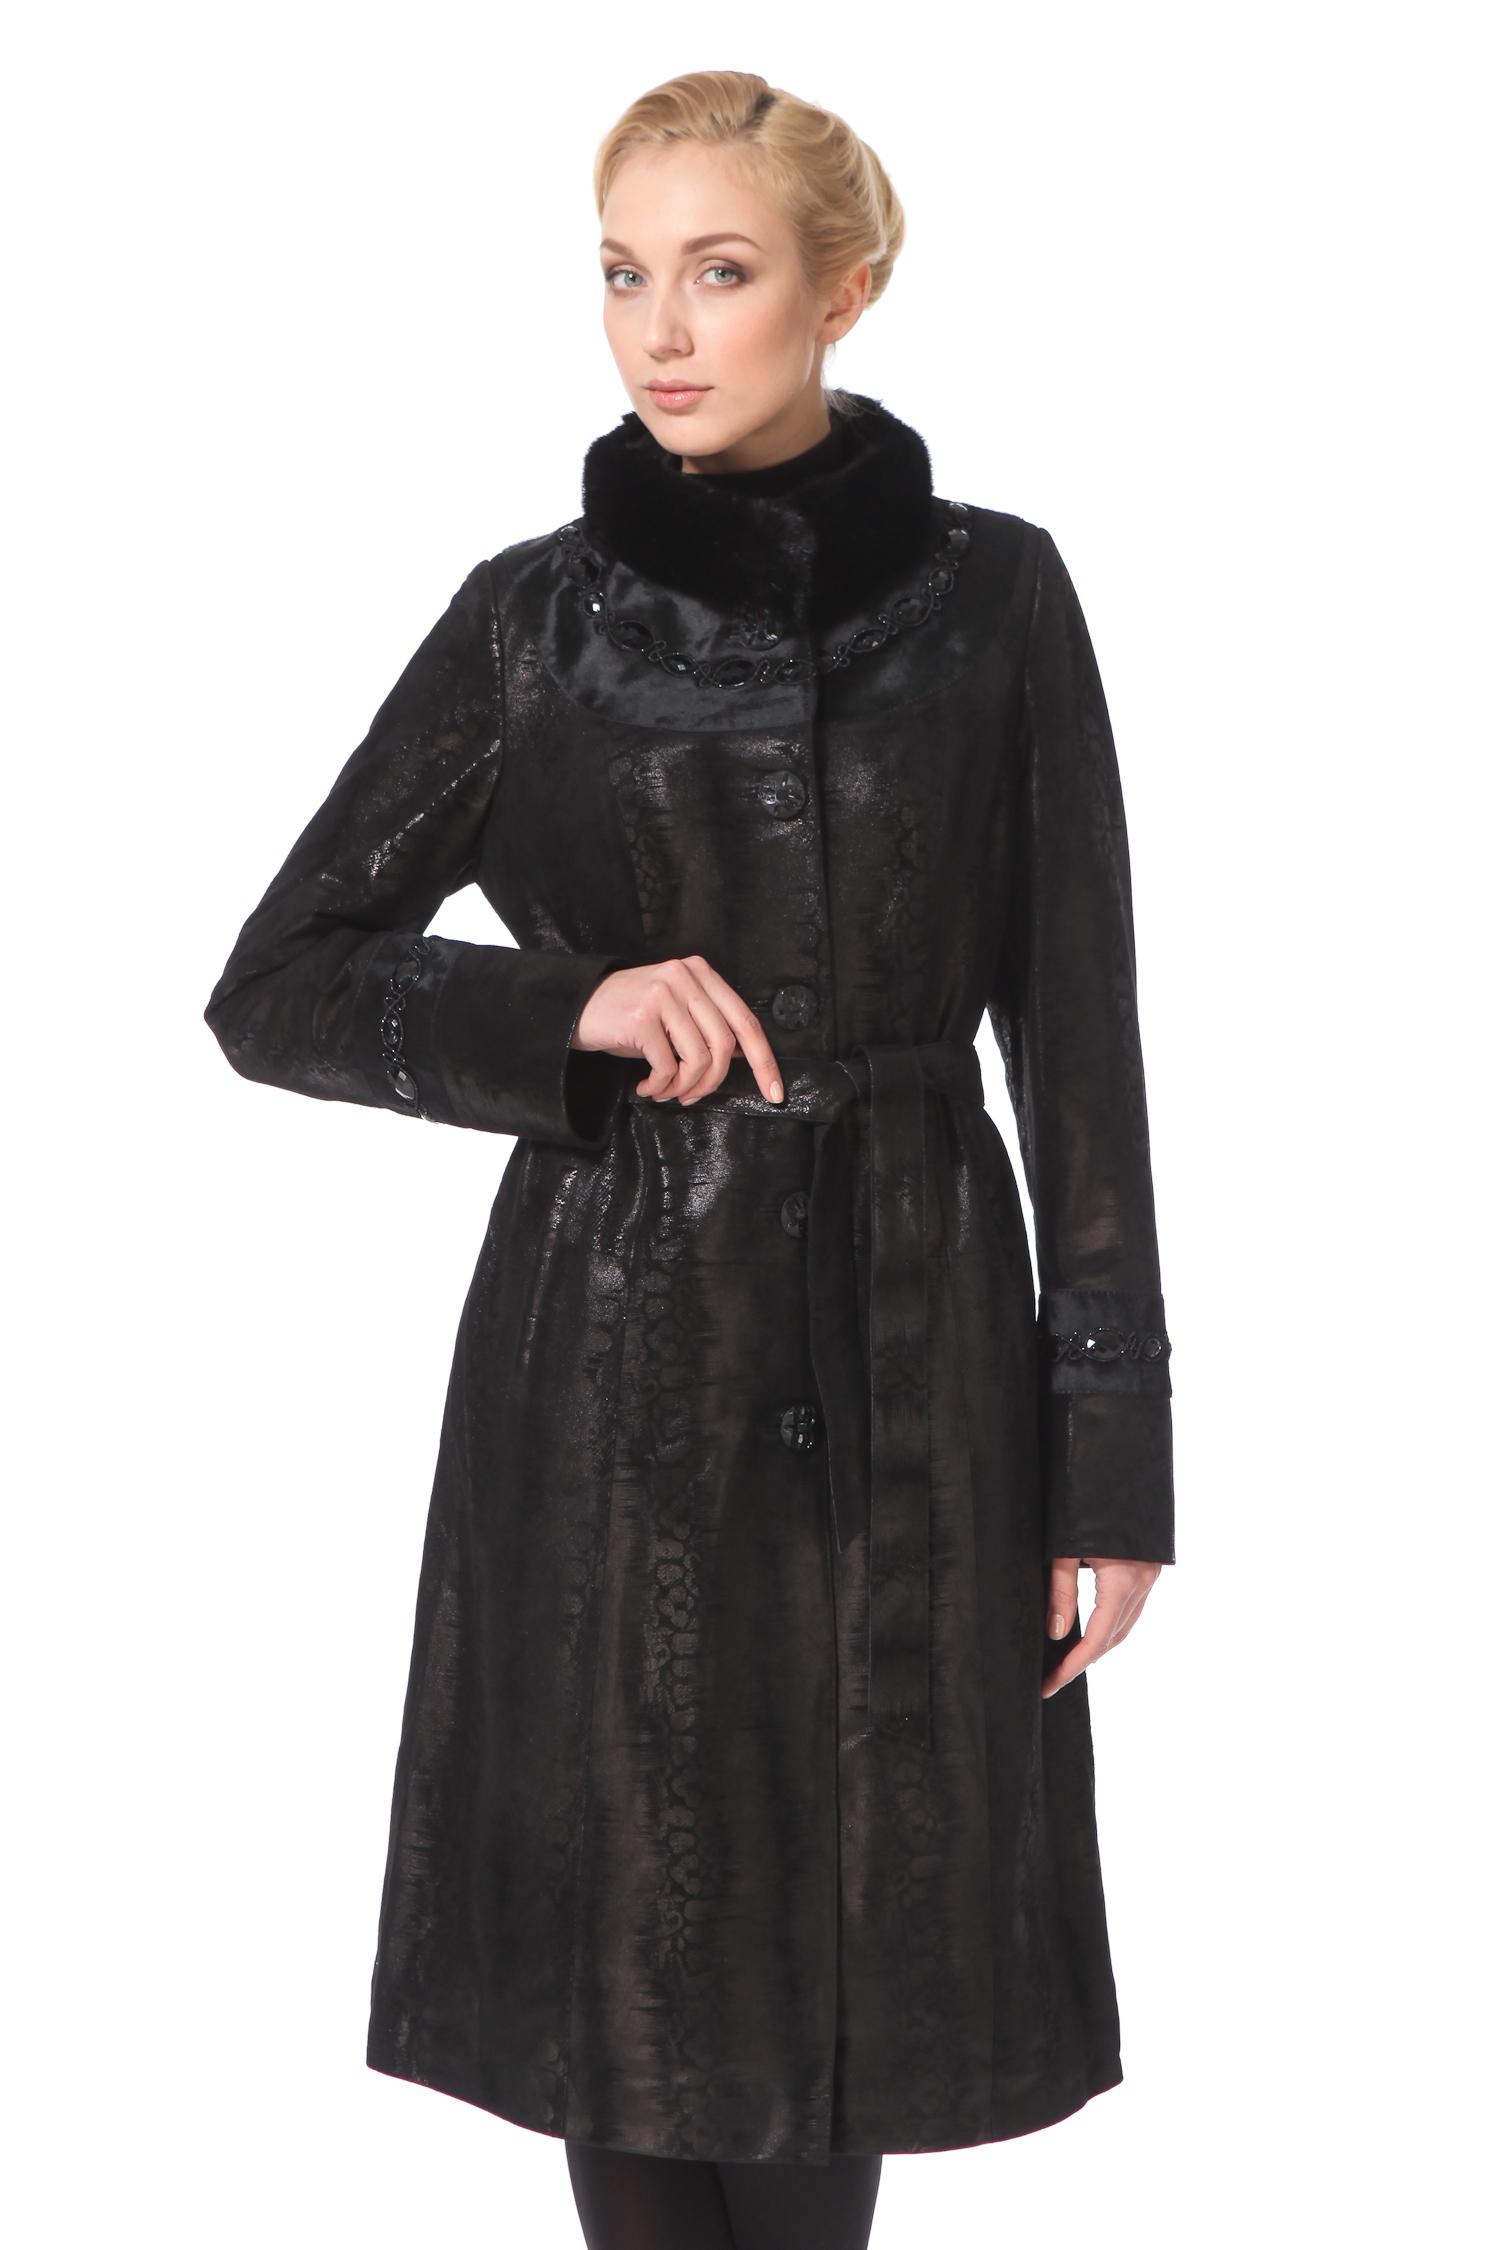 Женское кожаное пальто из натуральной замши (с накатом) с воротником, отделка норкаЦвет-оникс.<br><br>Классический покрой дополнен рядом деталей, которые очень выгодно подчеркивают индивидуальность этой модели. Во-первых, пальто из натуральной замши благородного темного оттенка, красивая деталь - это тиснение (накат), выполненное под кожу змеи. Этот неброский вертикальный узор выгодно подчеркнет достоинства фигуры. Еще одна стильная деталь - это украшенные камнями рукава и воротник. Воротник-стойка выполнен с отделкой из европейской норки, он очень хорошо защитит Вас от ветра. Модель застегивается на пуговицы и дополнена ремнем.<br><br>Воротник: стойка<br>Длина см: Длинная (свыше 90)<br>Материал: Замша<br>Цвет: черный<br>Застежка: на пуговицы<br>Пол: Женский<br>Размер RU: 50